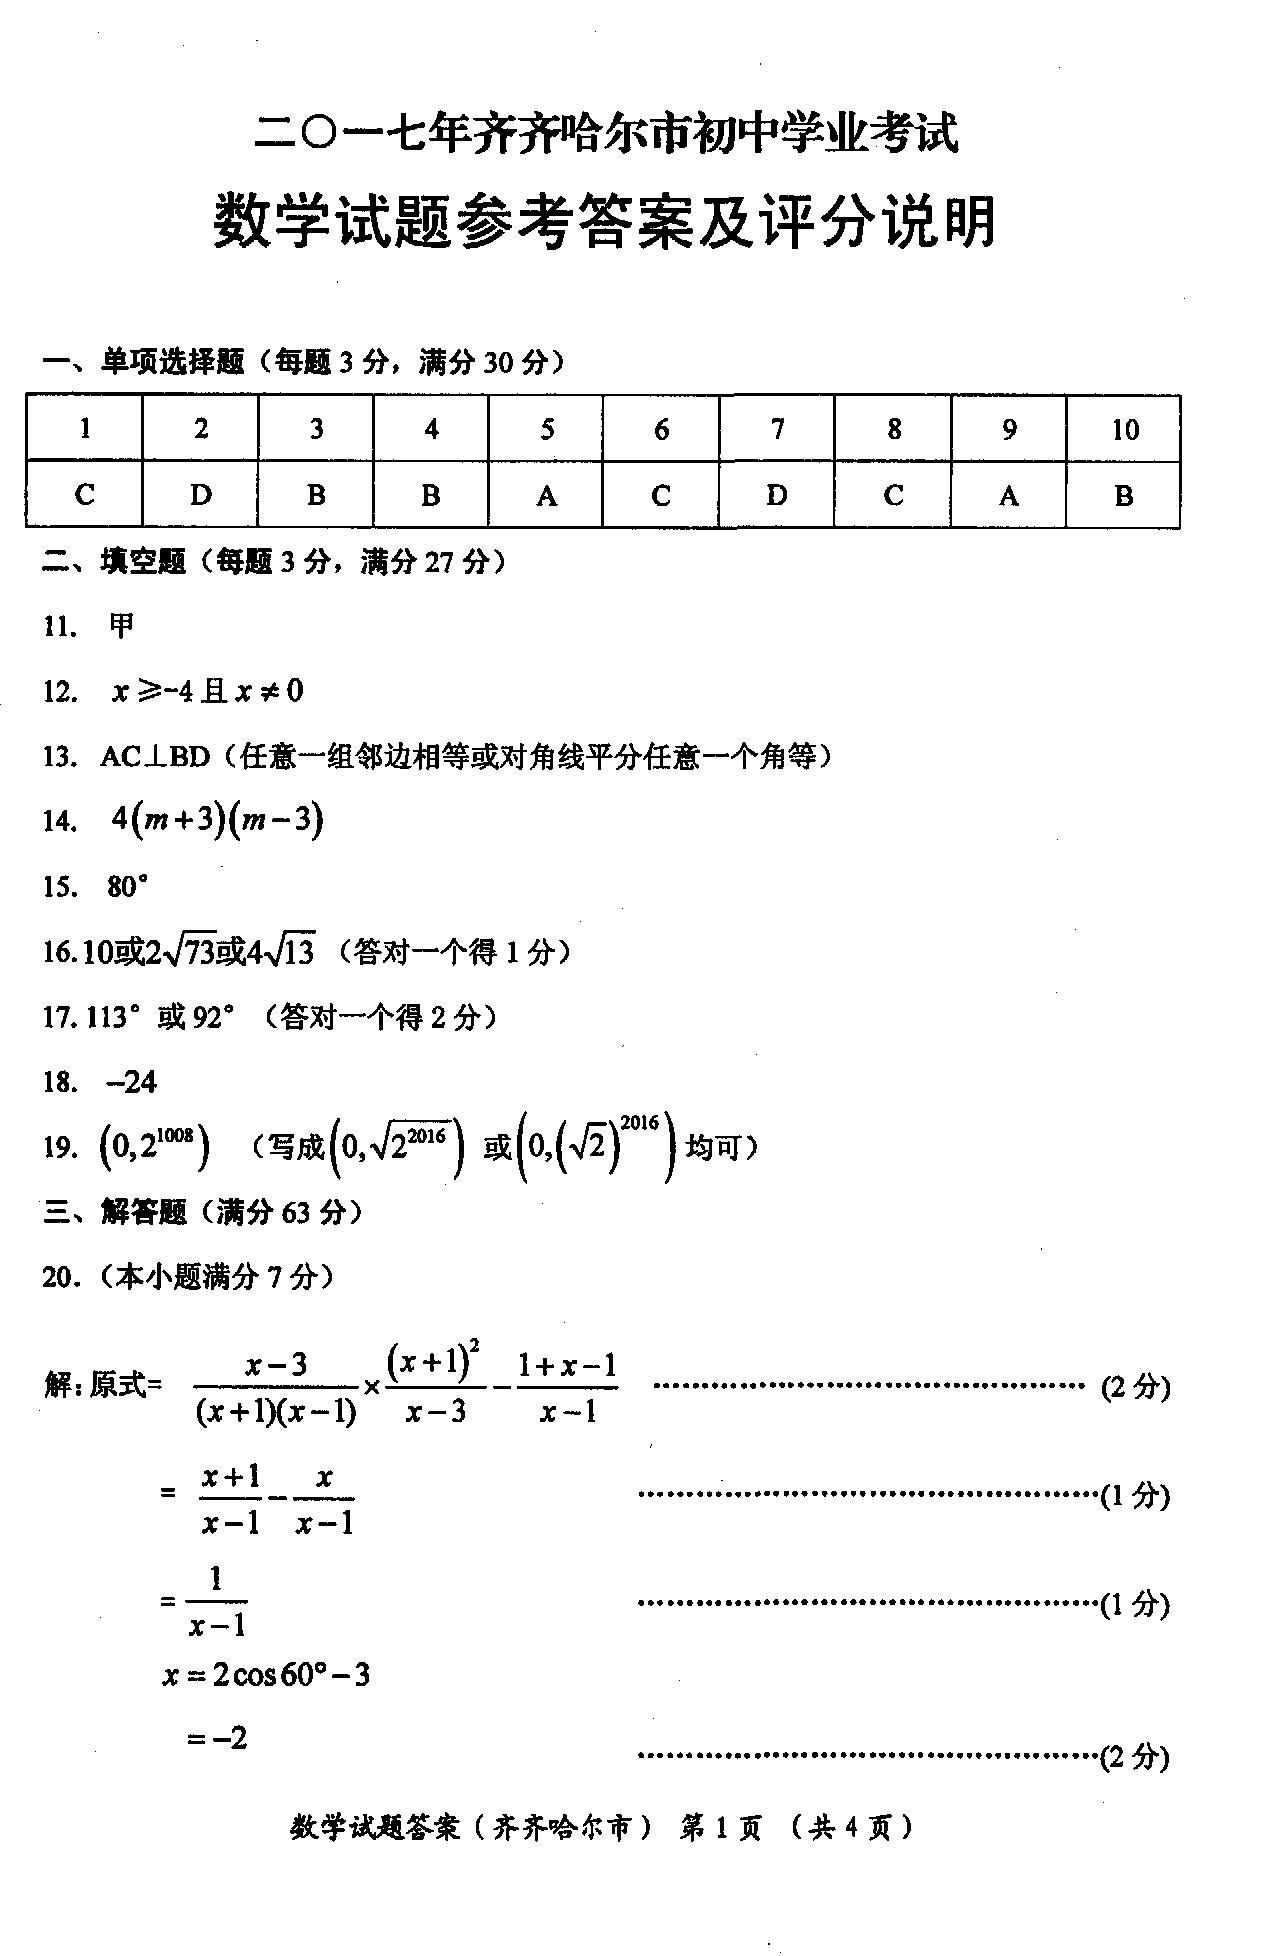 2017年黑龙江齐齐哈尔中考数学答案图1